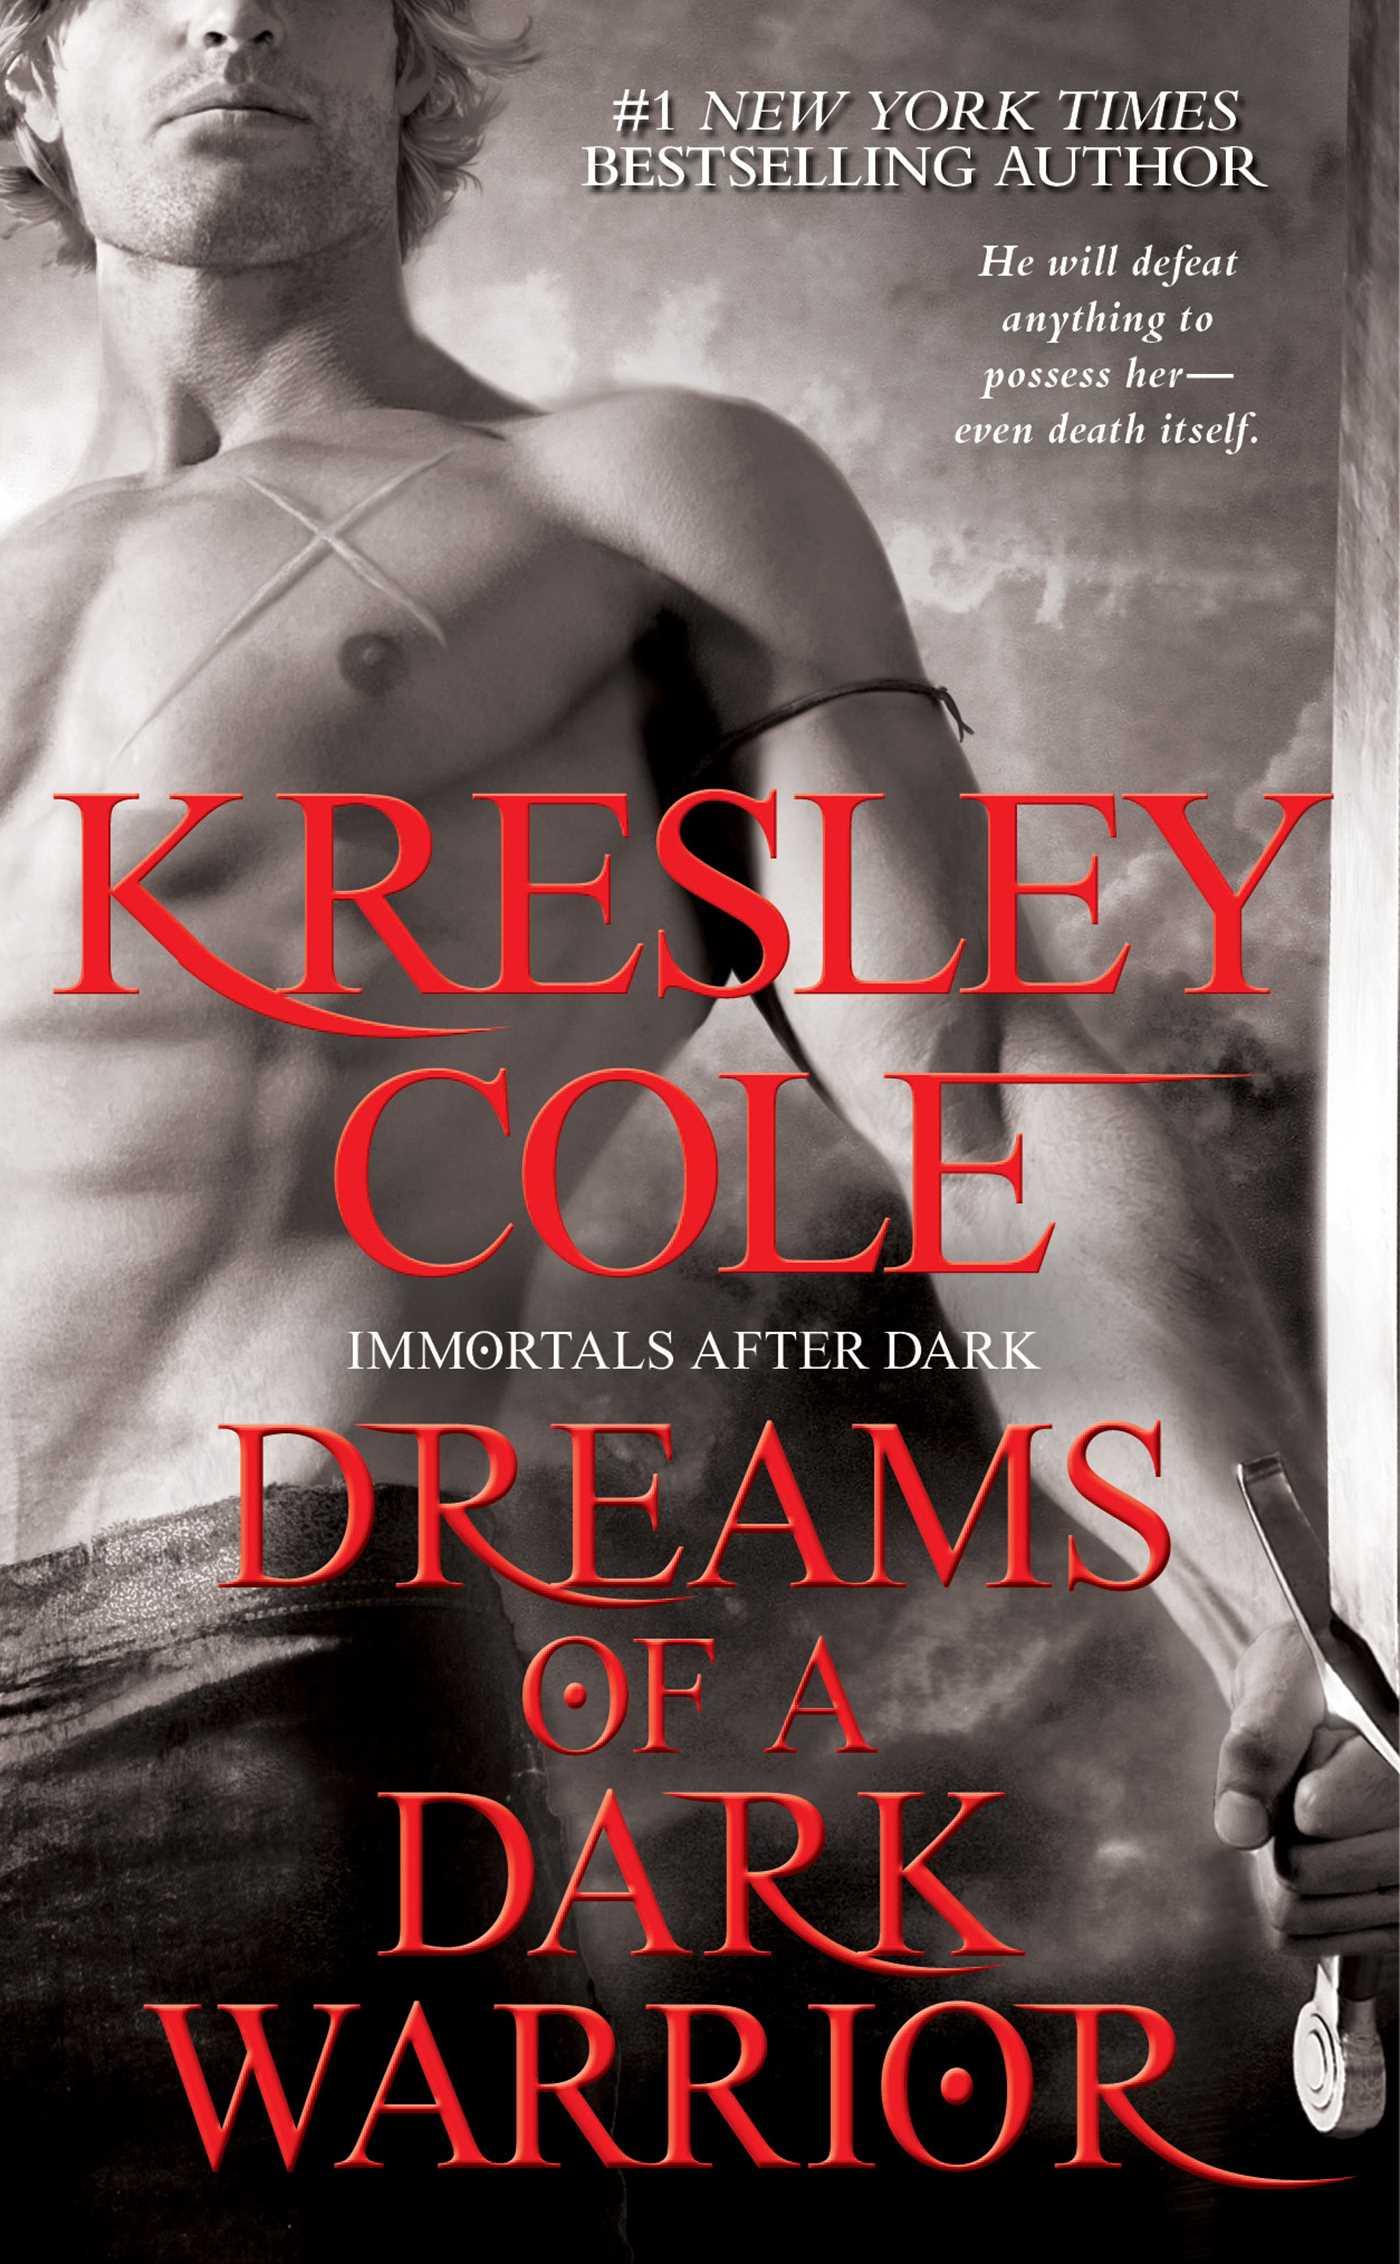 Book Cover Image (jpg): Dreams of a Dark Warrior